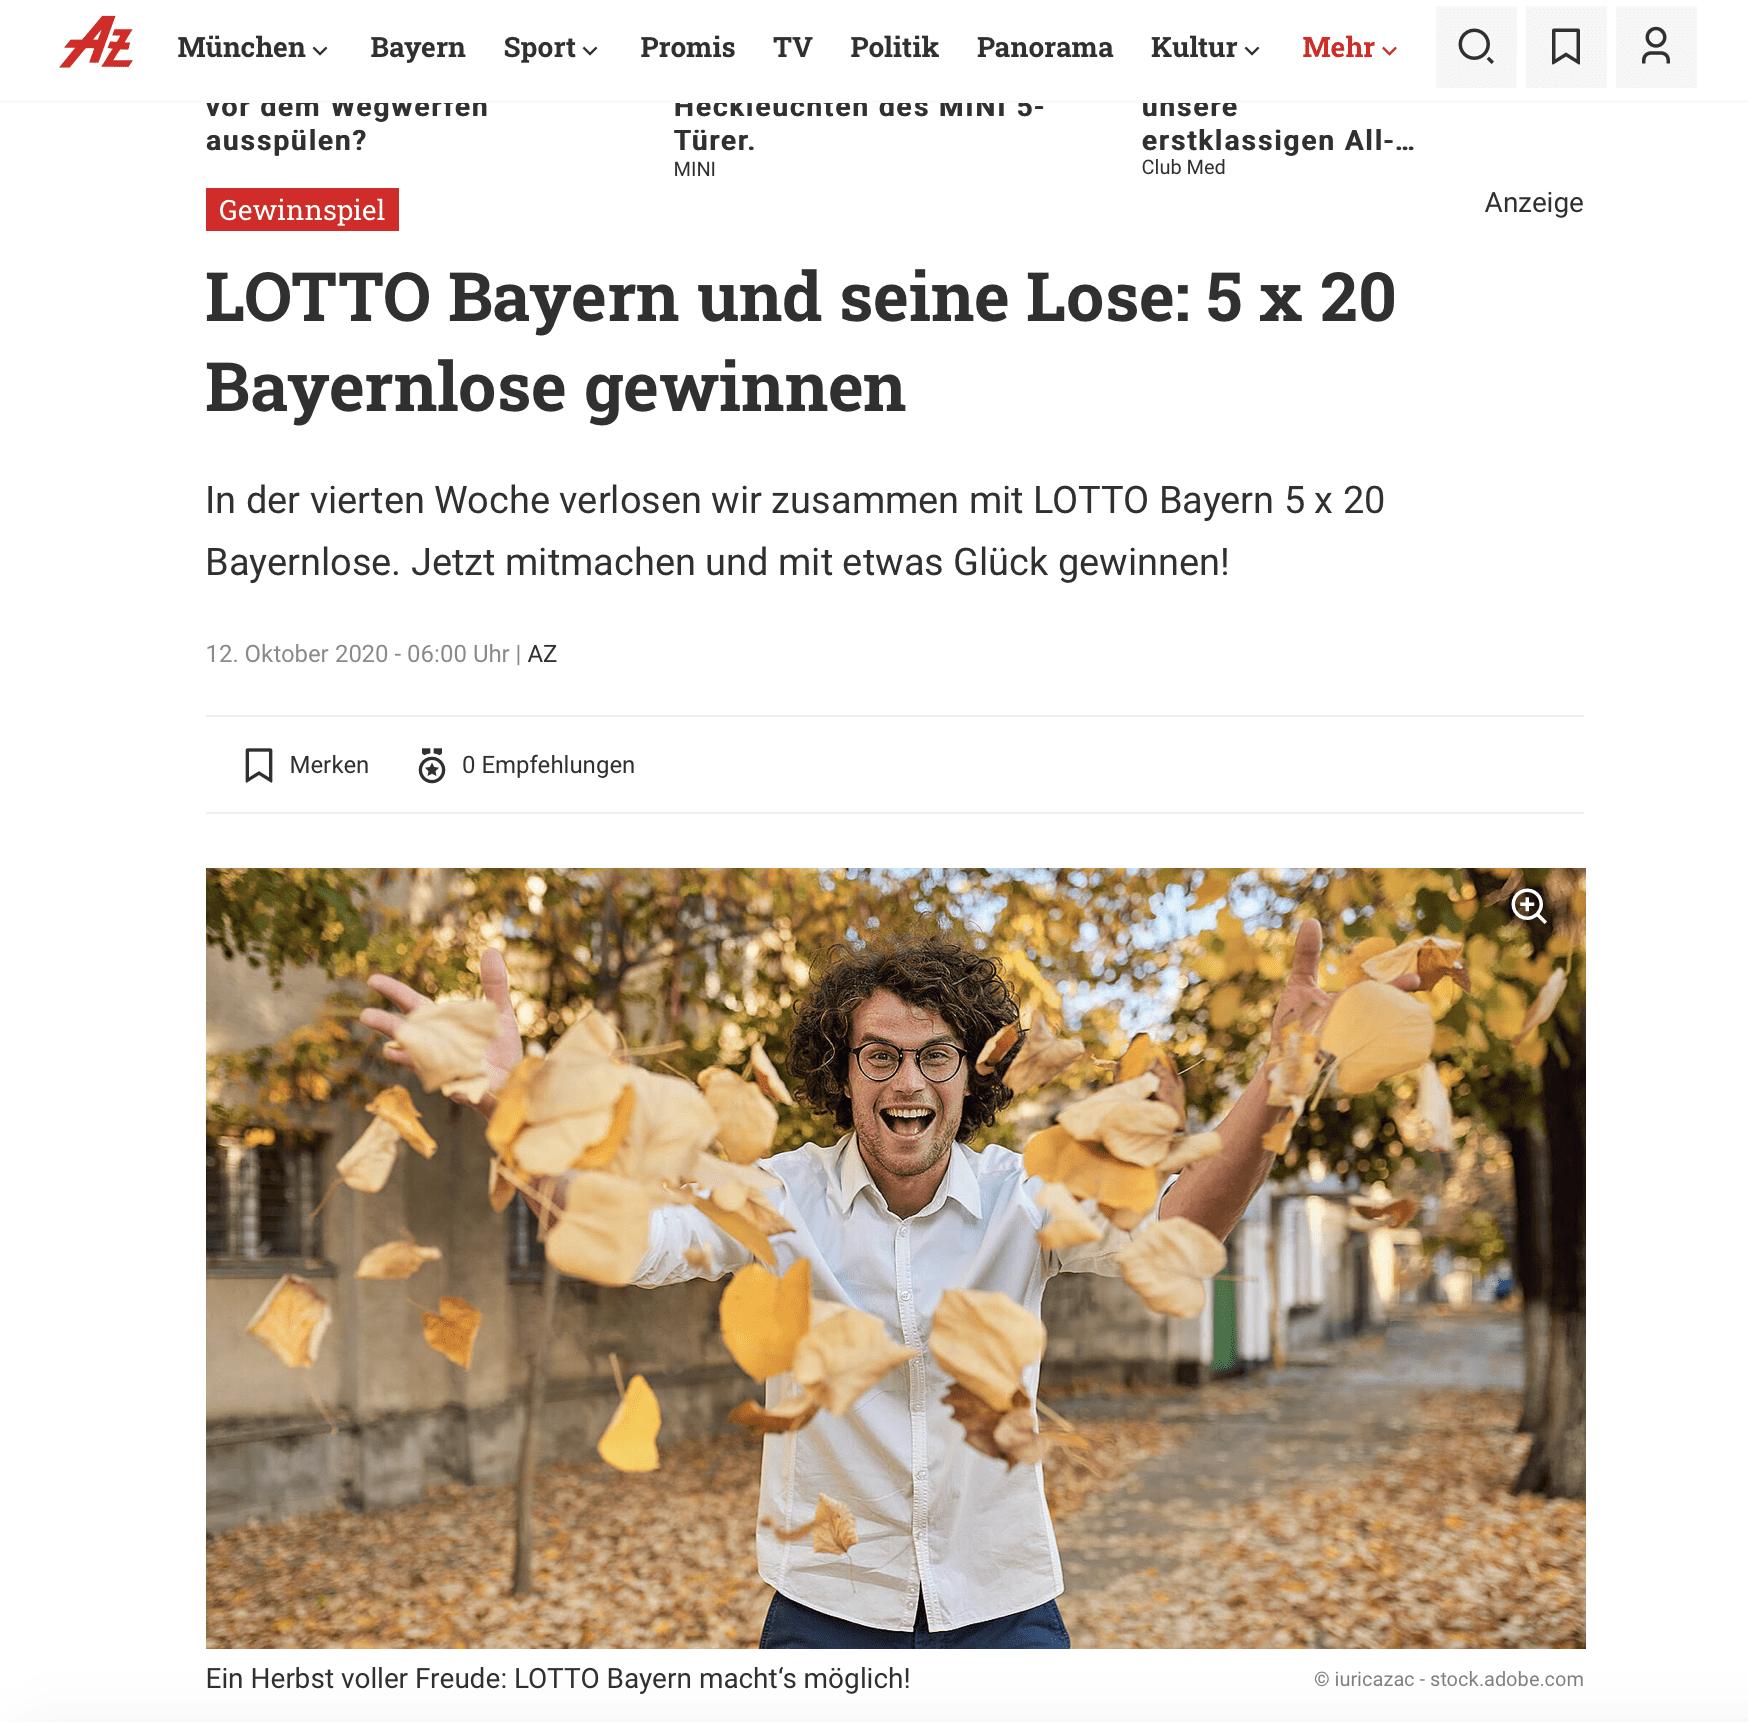 Gewinnspiel-Case Verlage Abendzeitung